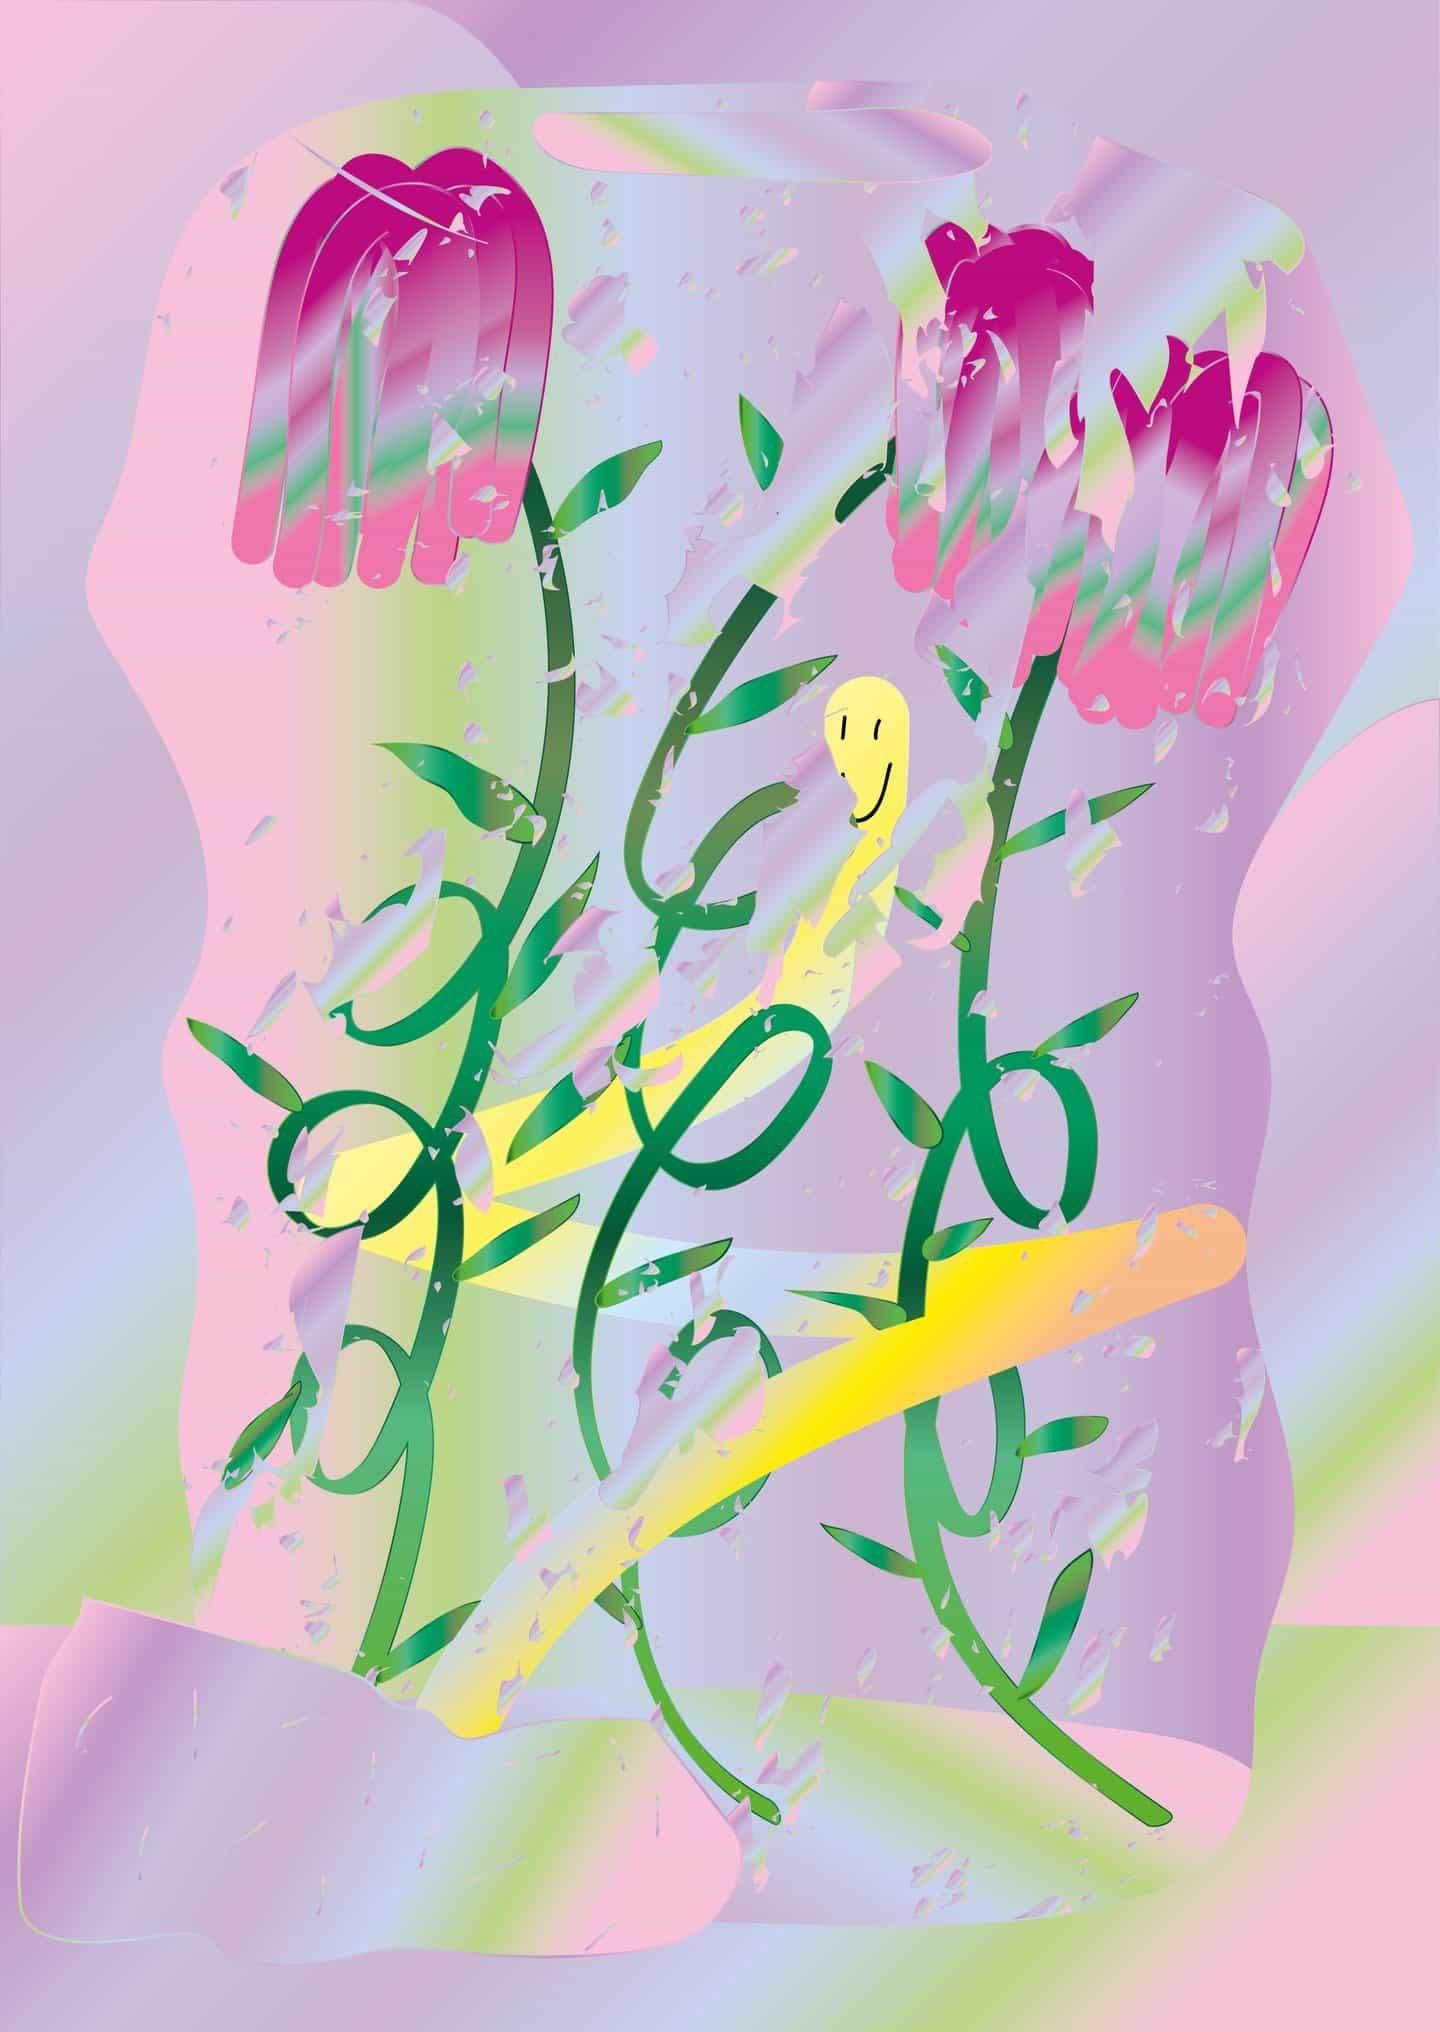 Oriane Jeanselme en abrazar ilustración después de perder interés en el diseño gráfico